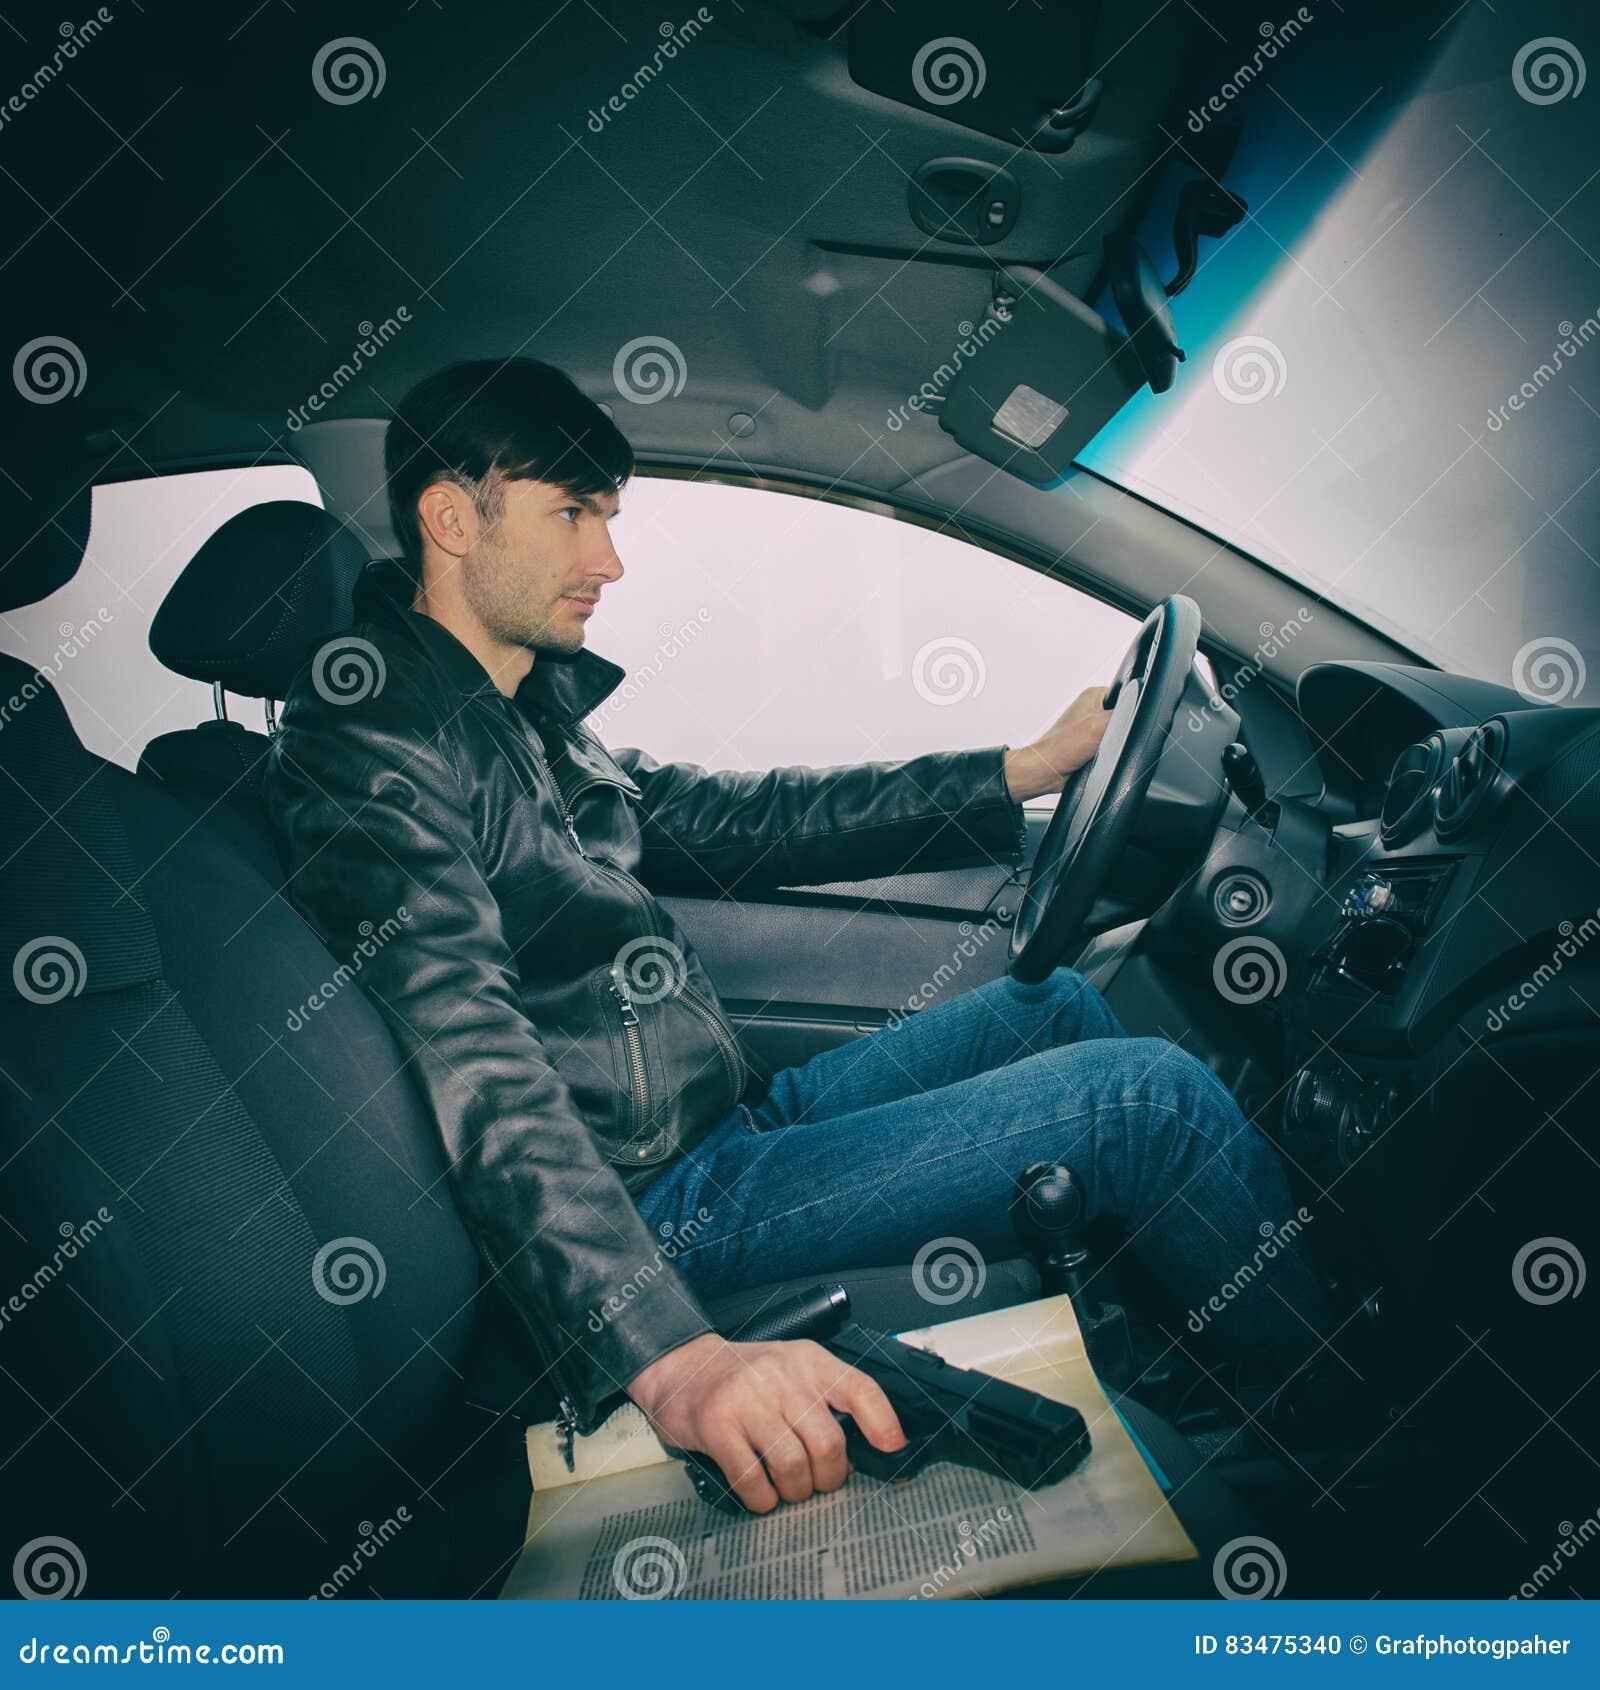 Detektiv mit einem Gewehr, das in einem Auto sitzt